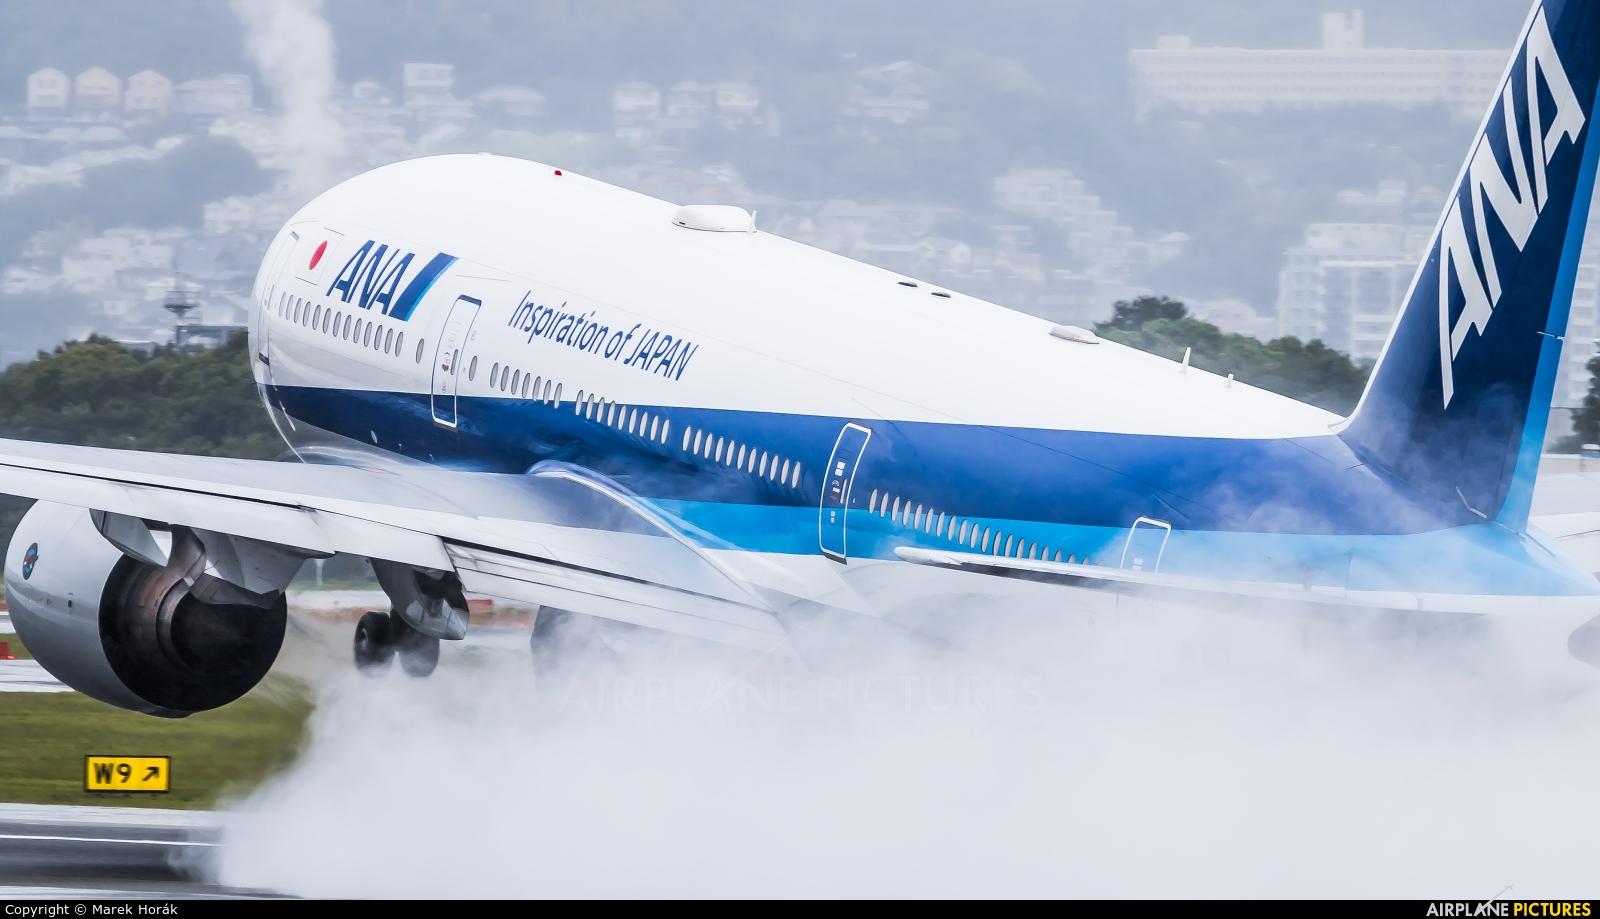 ANA - All Nippon Airways JA715A aircraft at Osaka - Itami Intl